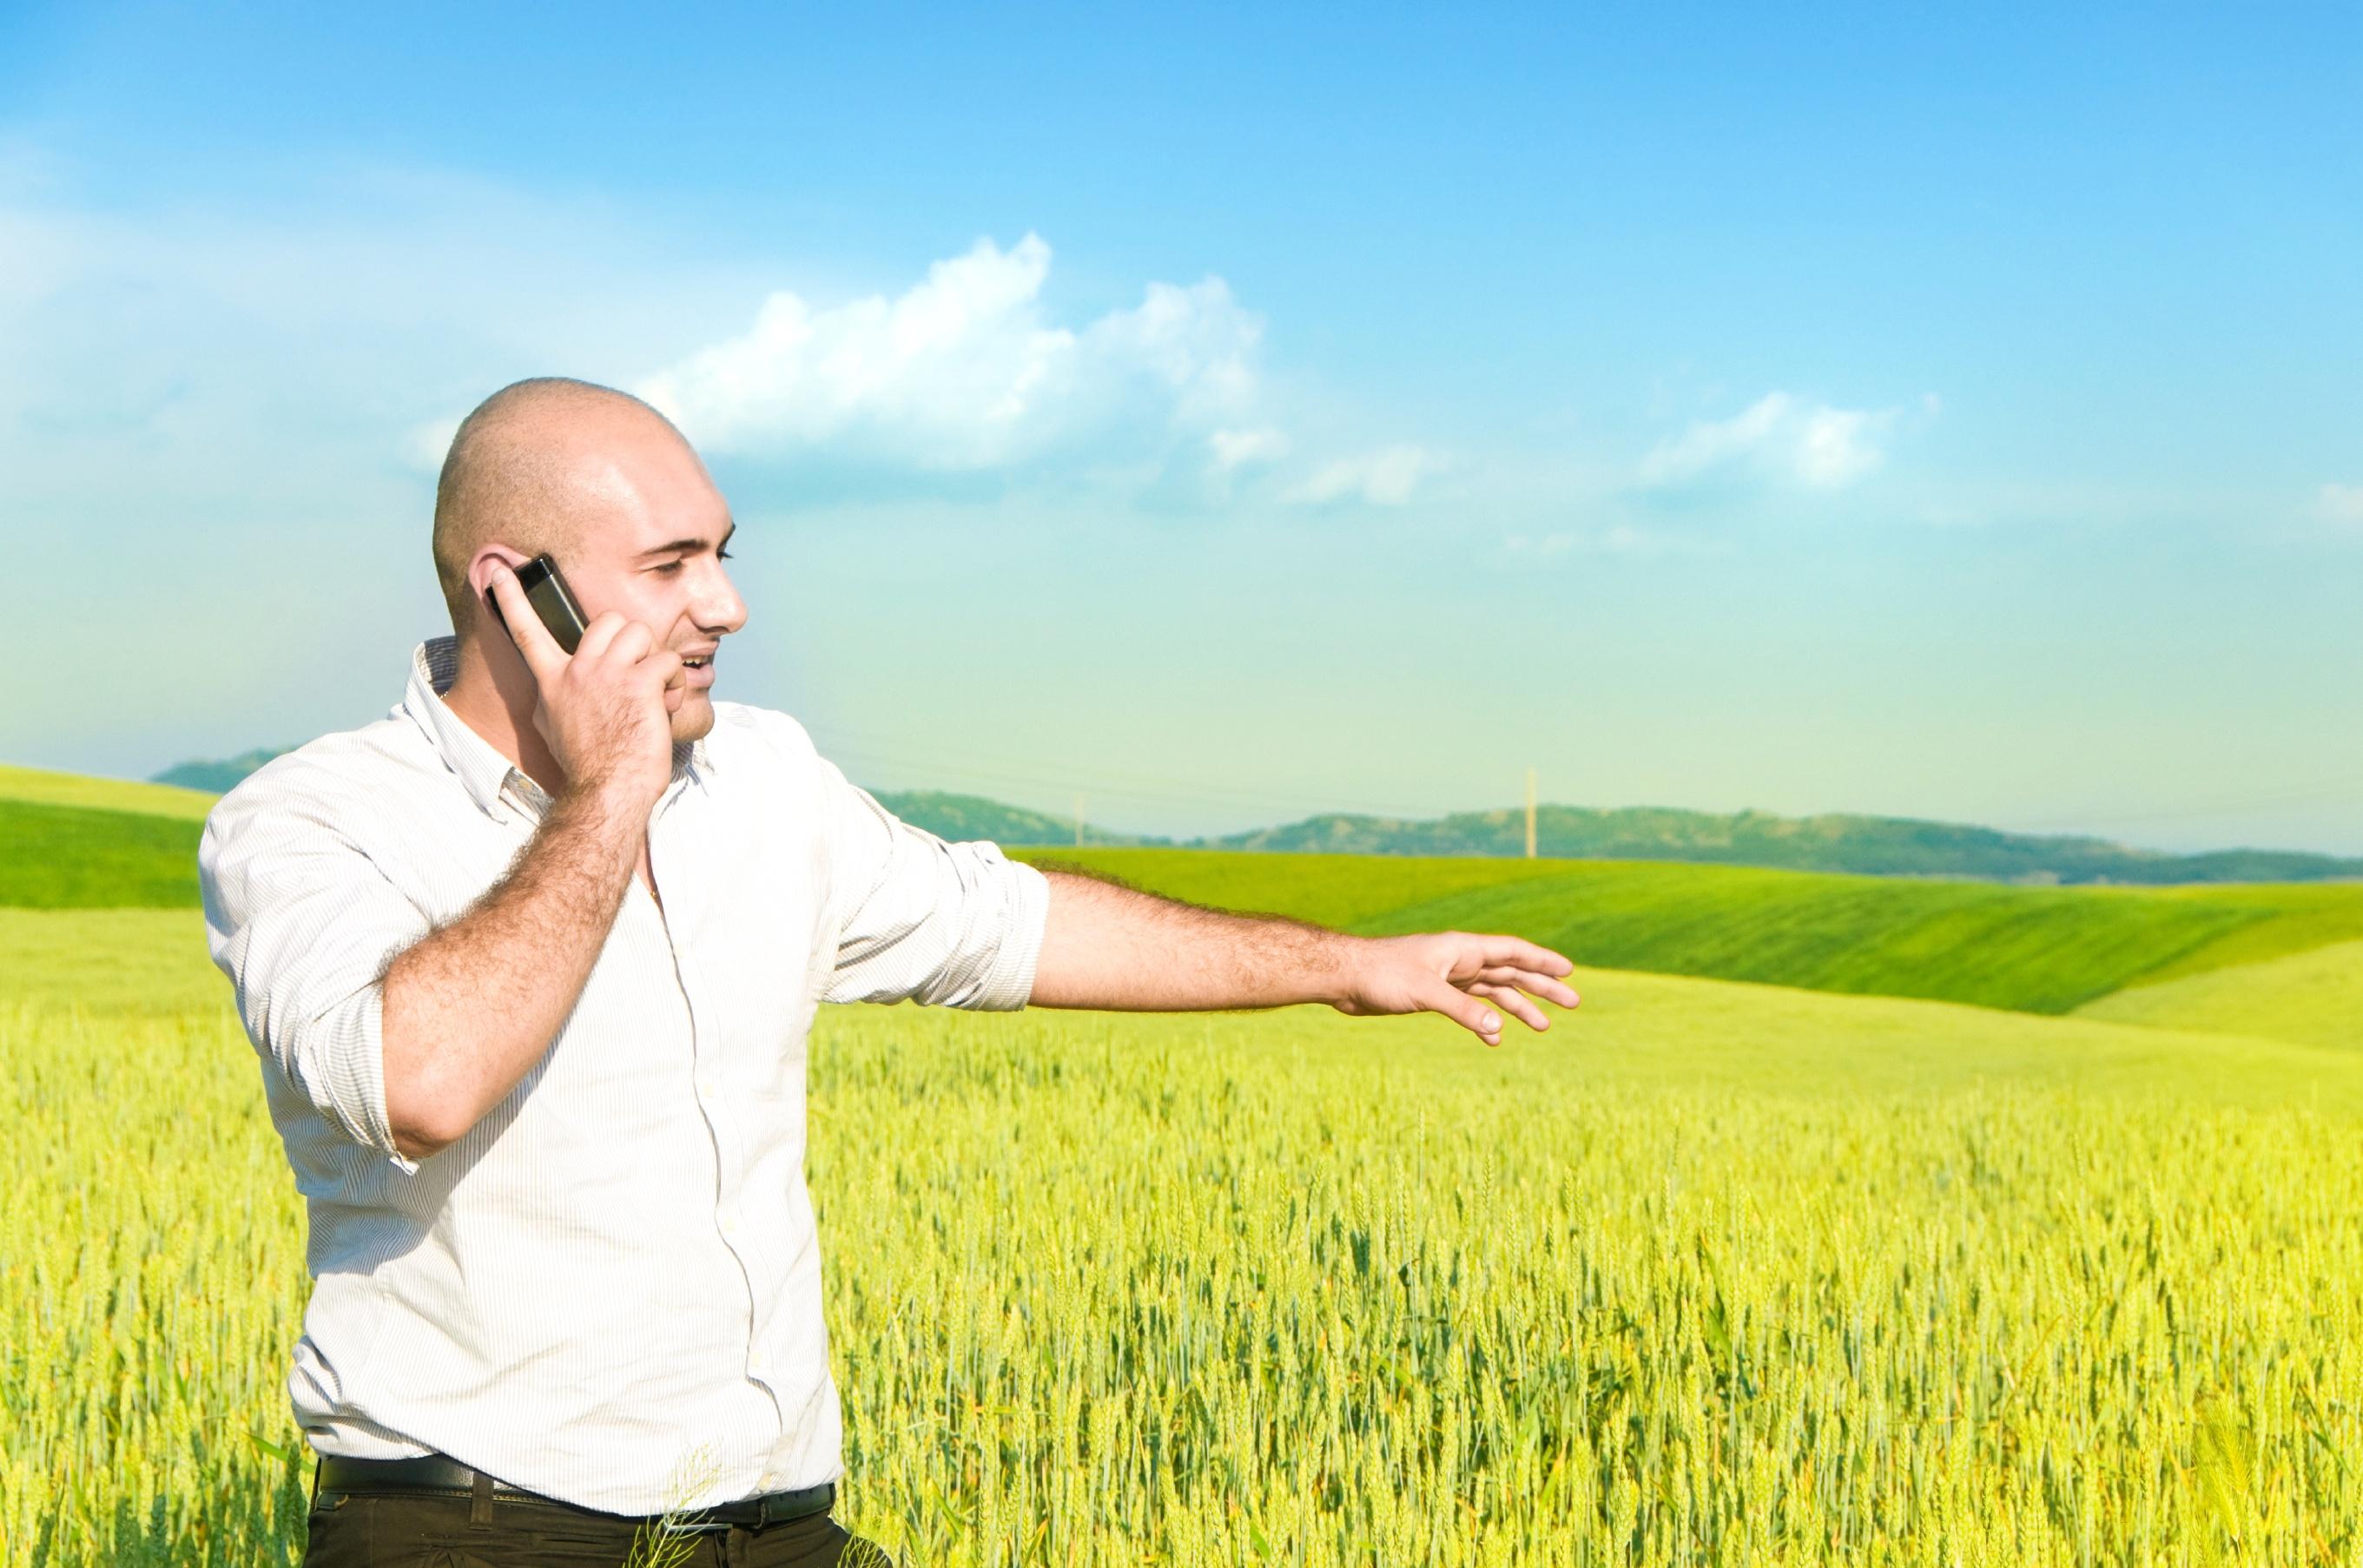 man talking in field.jpg